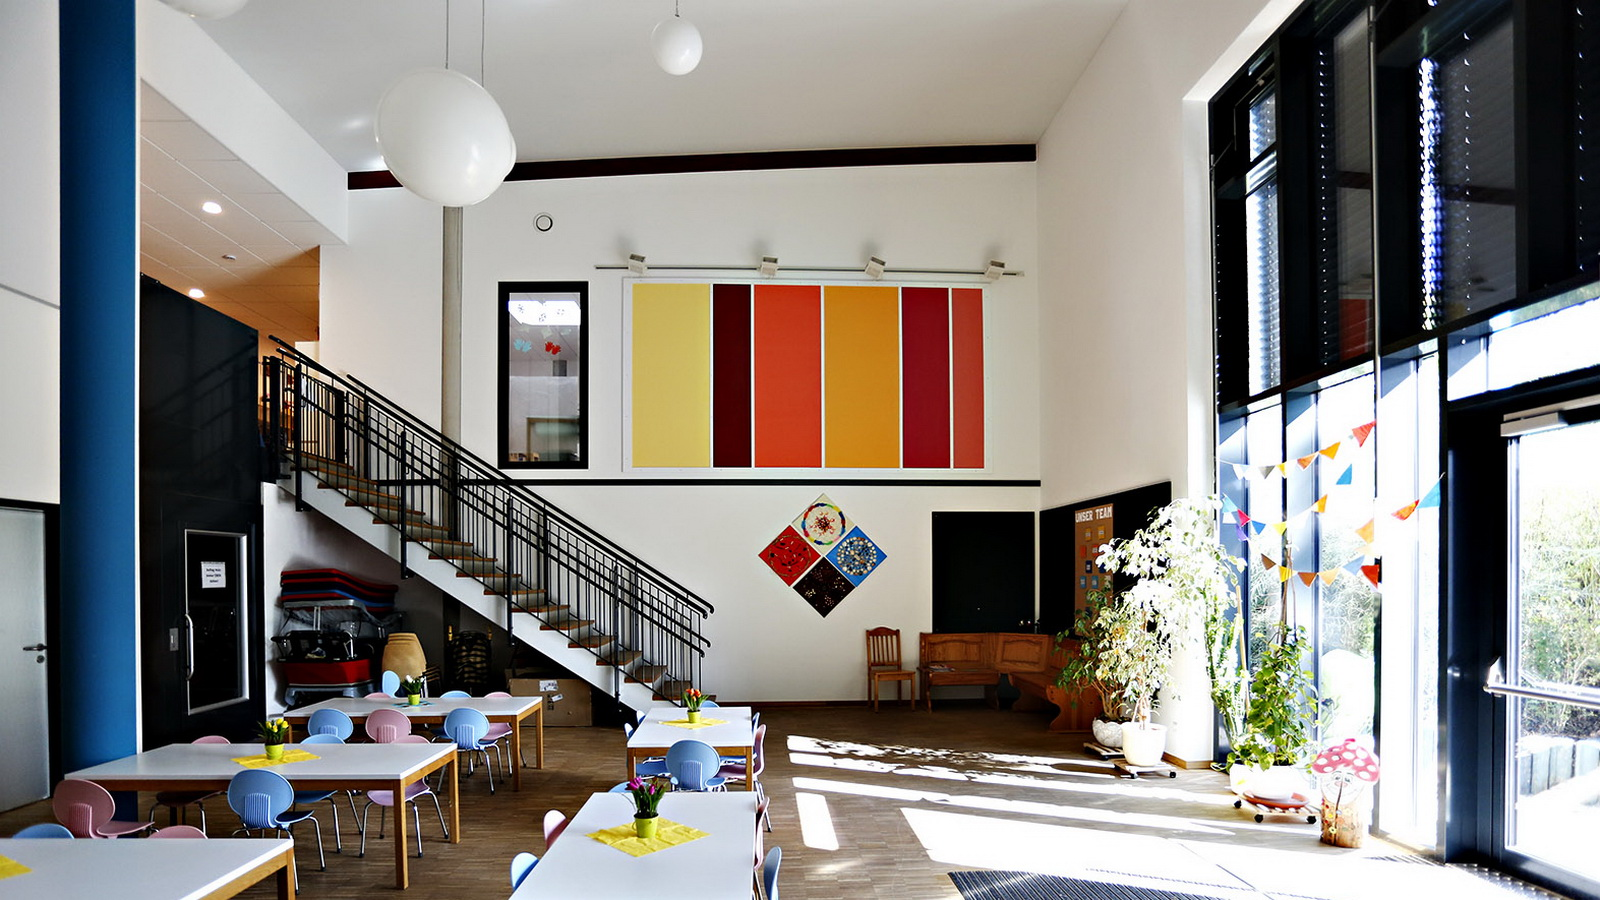 Aula im kindergarten Guenzhofen mit Stahltreppe